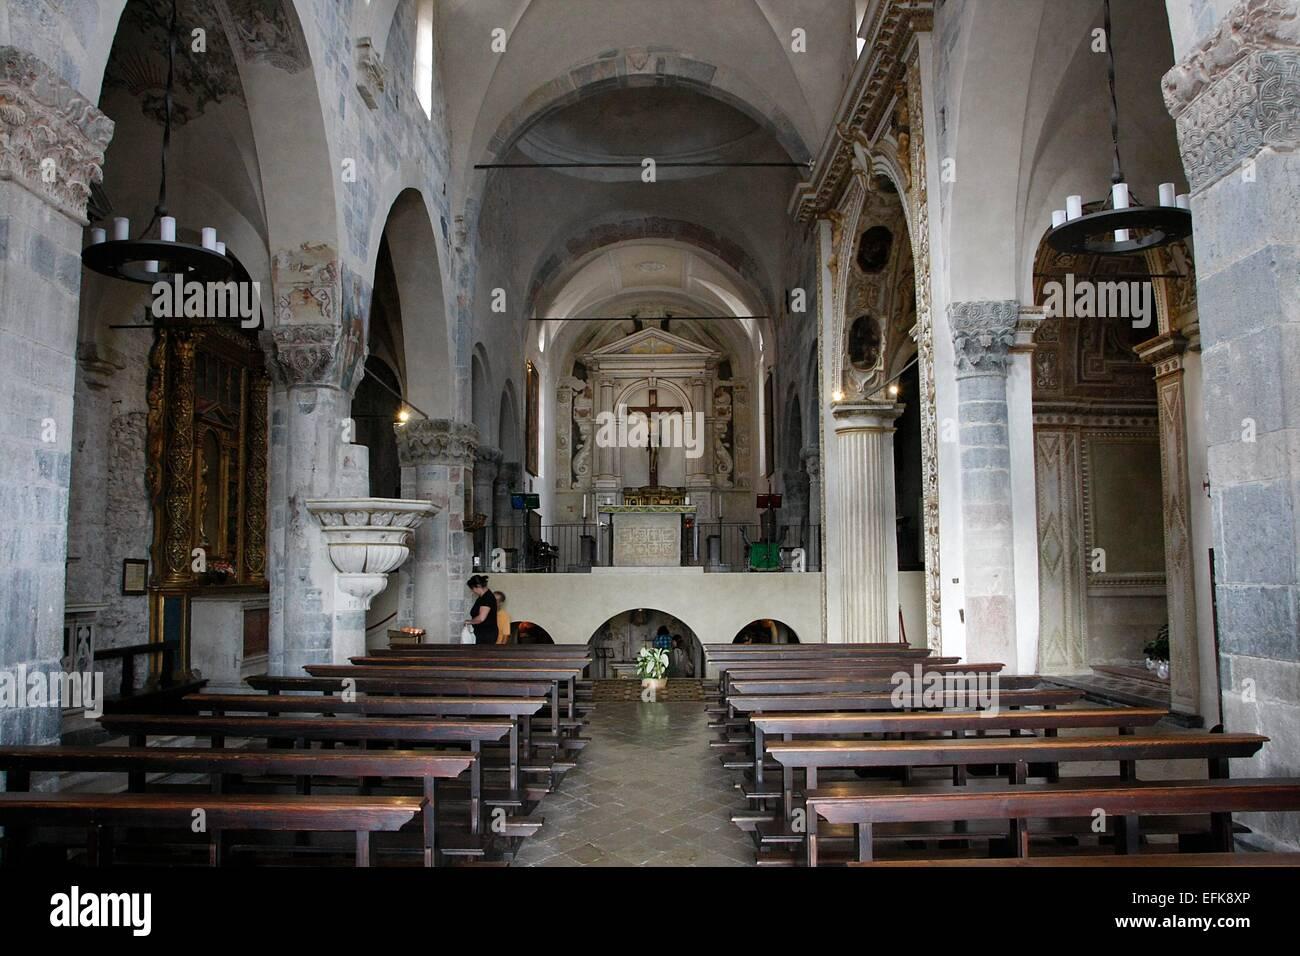 Das Hauptschiff der Kirche Sant Andrea Apostolo. Die Kirche liegt an der Piazza San Marco in Toscolano-Maderno. Stockbild